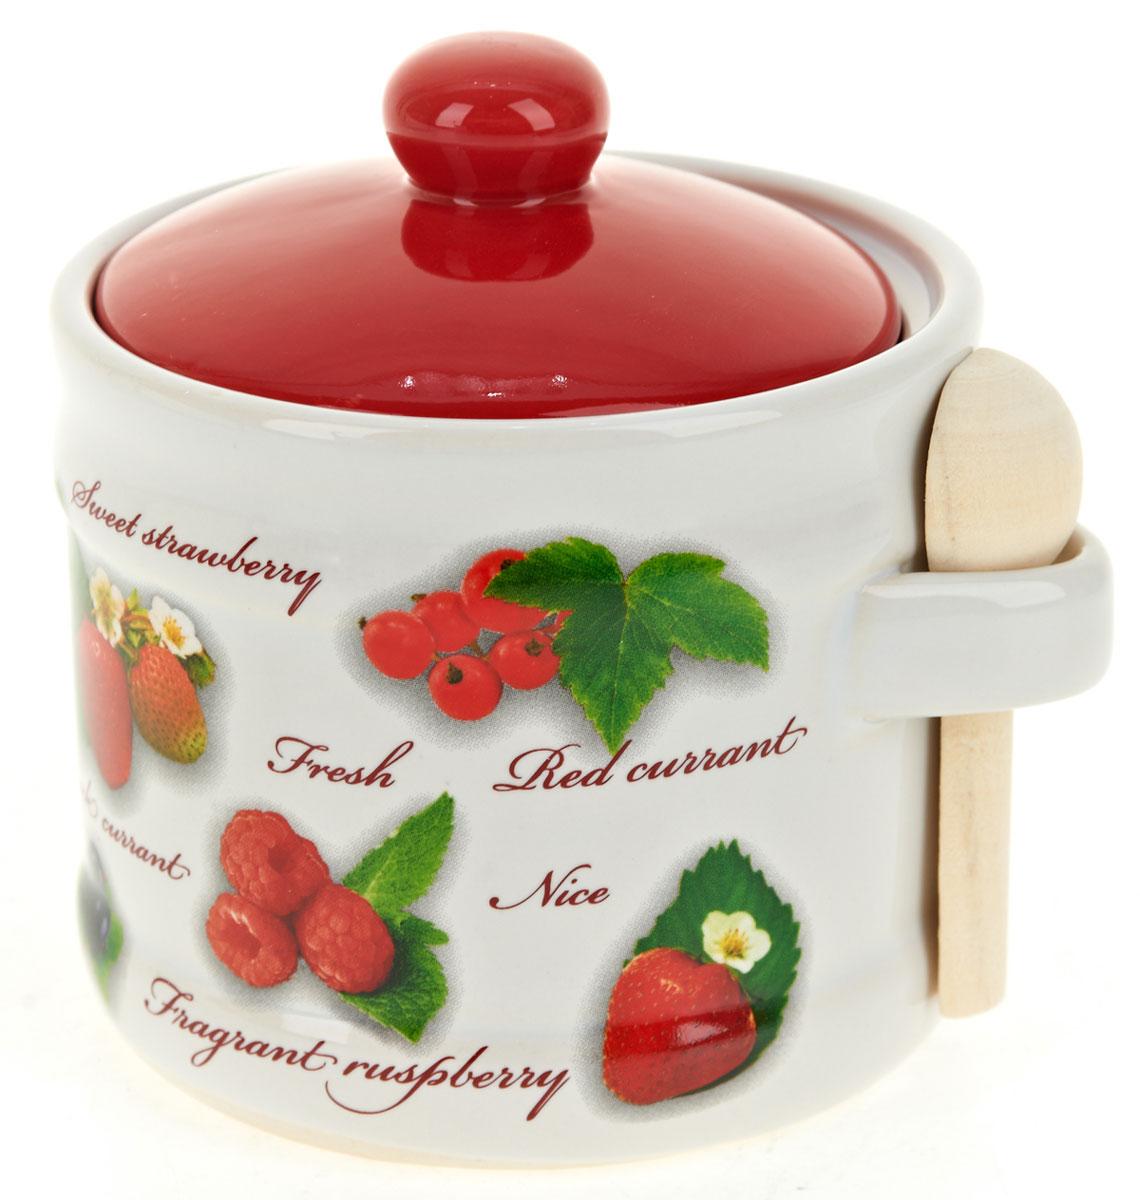 Банка для сыпучих продуктов Polystar Садовая ягода, с ложкойVT-1520(SR)Банка для сыпучих продуктов изготовлена из прочной доломитовой керамики, с деревянной ложечкой. Изделие оформлено красочным изображением. Банка прекрасно подойдет для хранения различных сыпучих продуктов: чая, кофе, сахара, круп и многого другого. Изящная емкость не только поможет хранить разнообразные сыпучие продукты, но и стильно дополнит интерьер кухни. Изделие подходит для использования в посудомоечной машине.